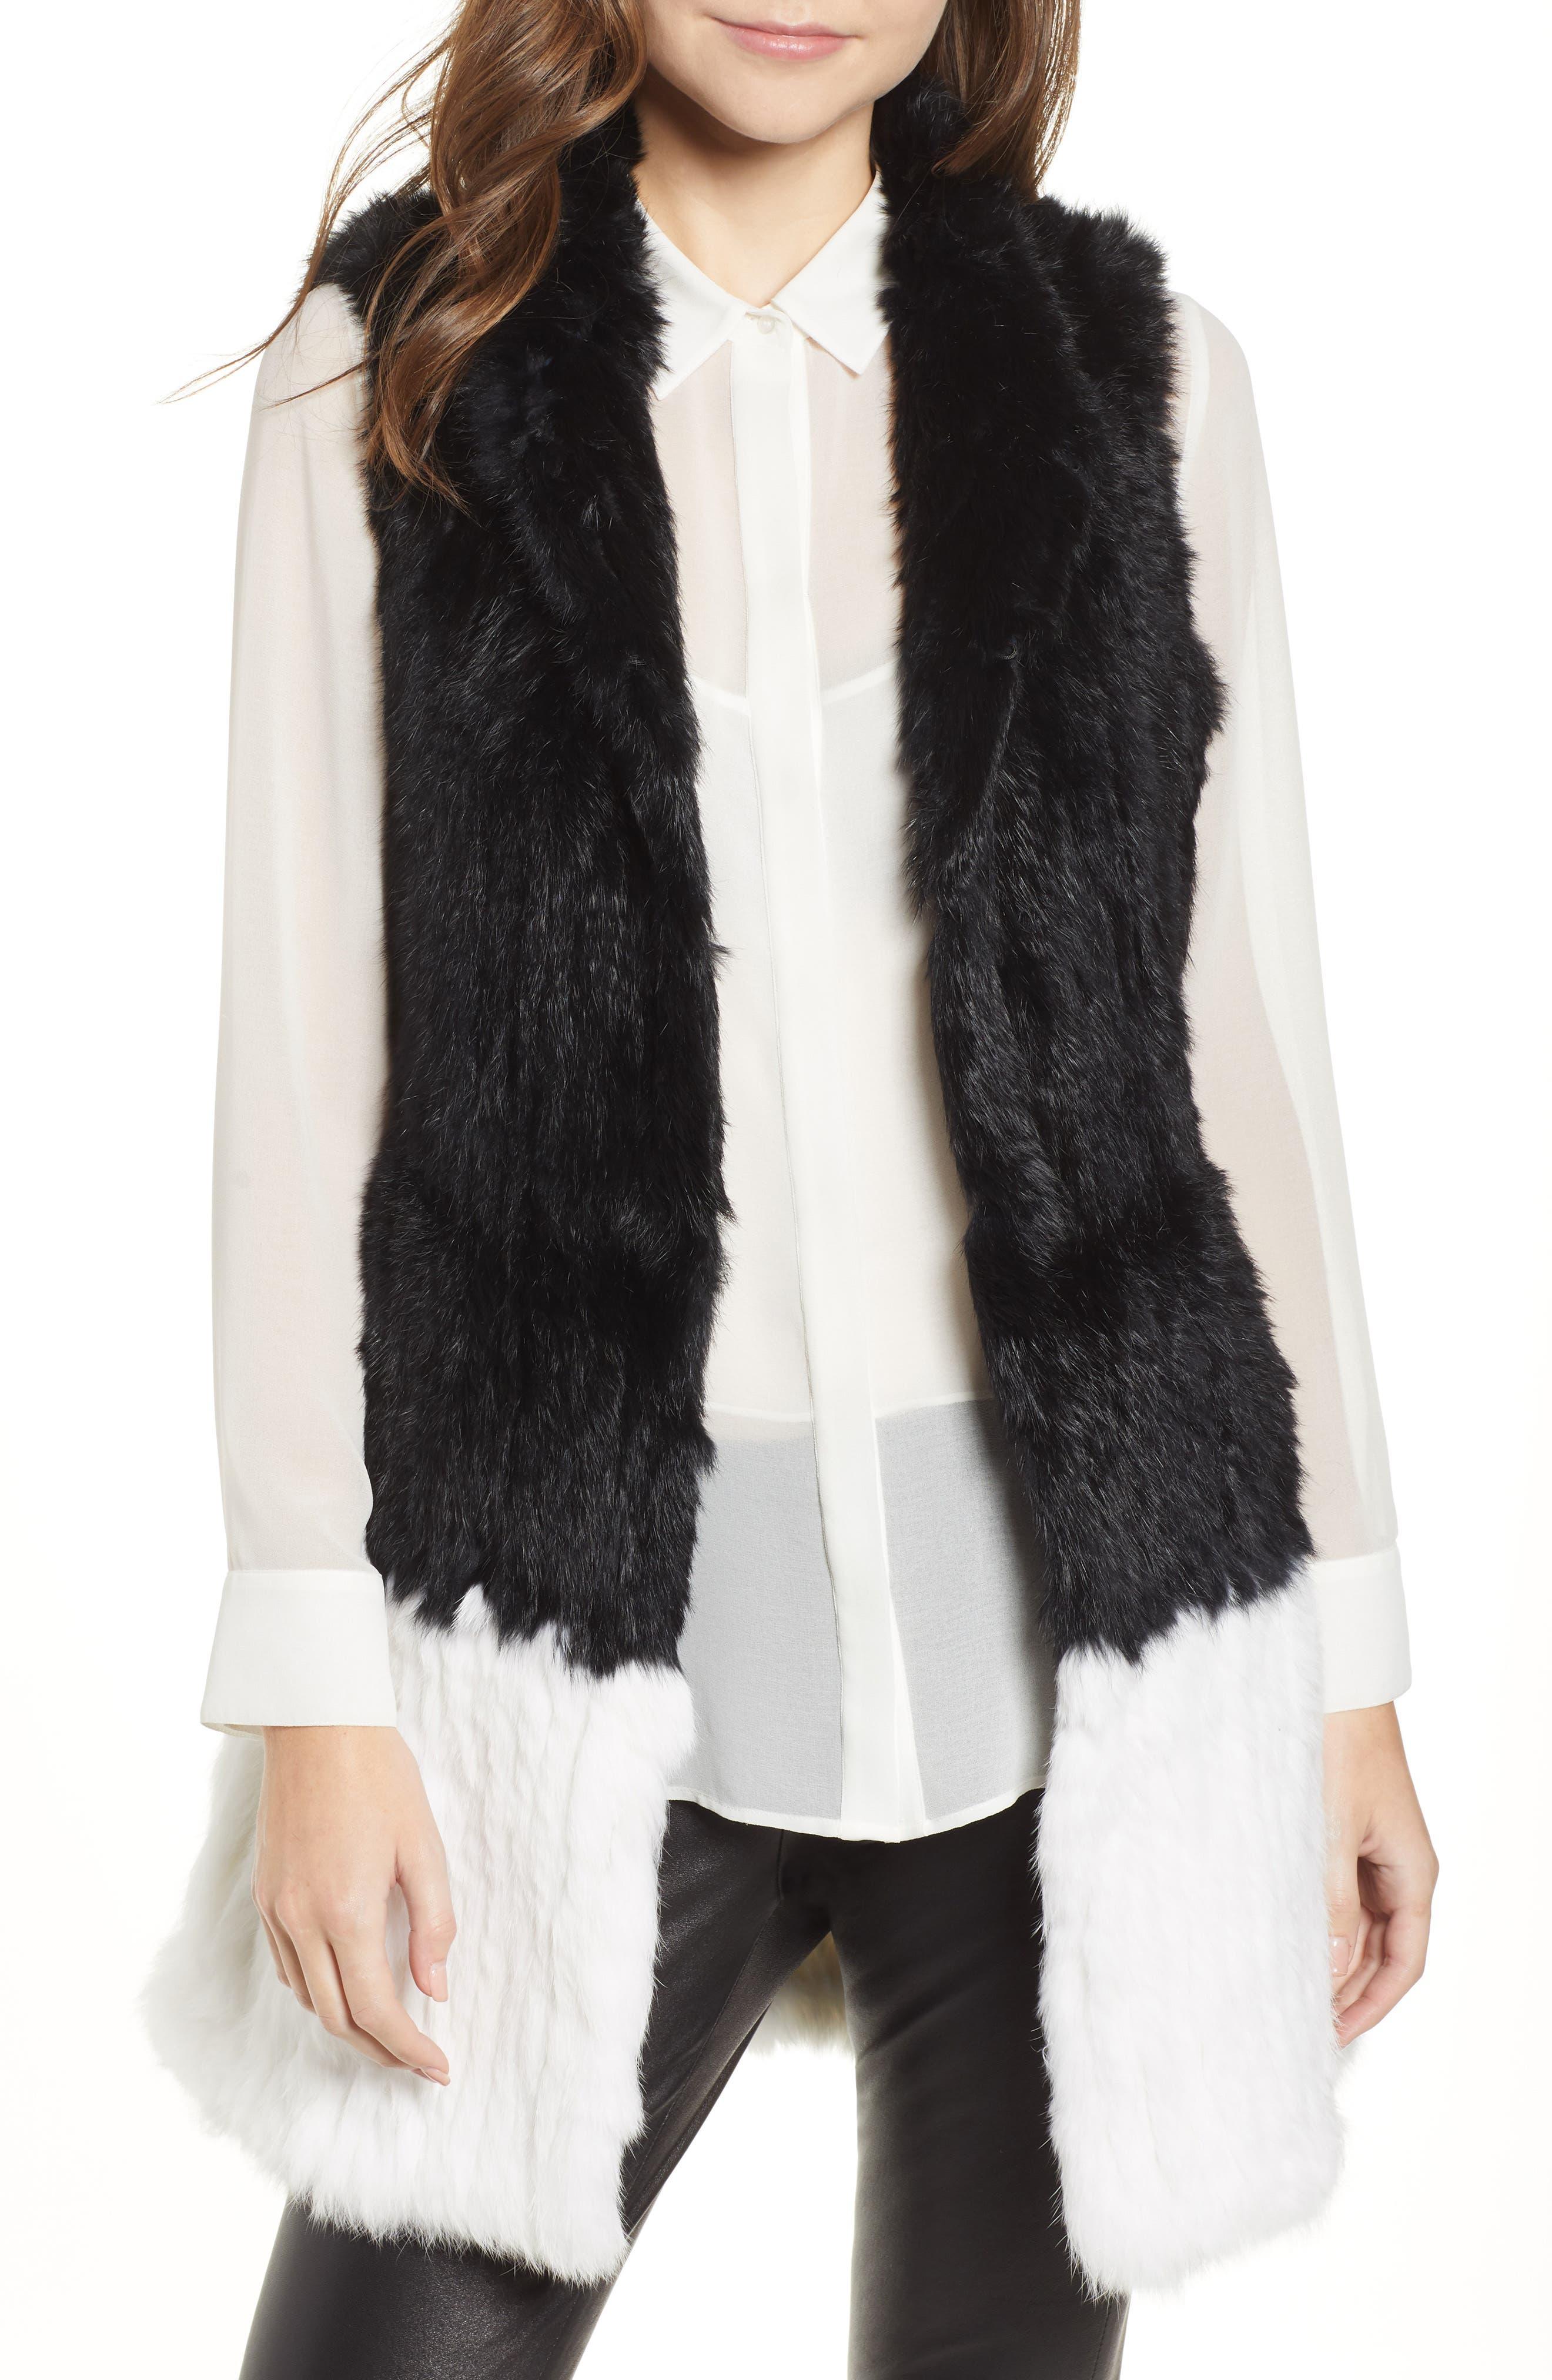 LOVE TOKEN, Long Colorblock Genuine Rabbit Fur Vest, Main thumbnail 1, color, 001